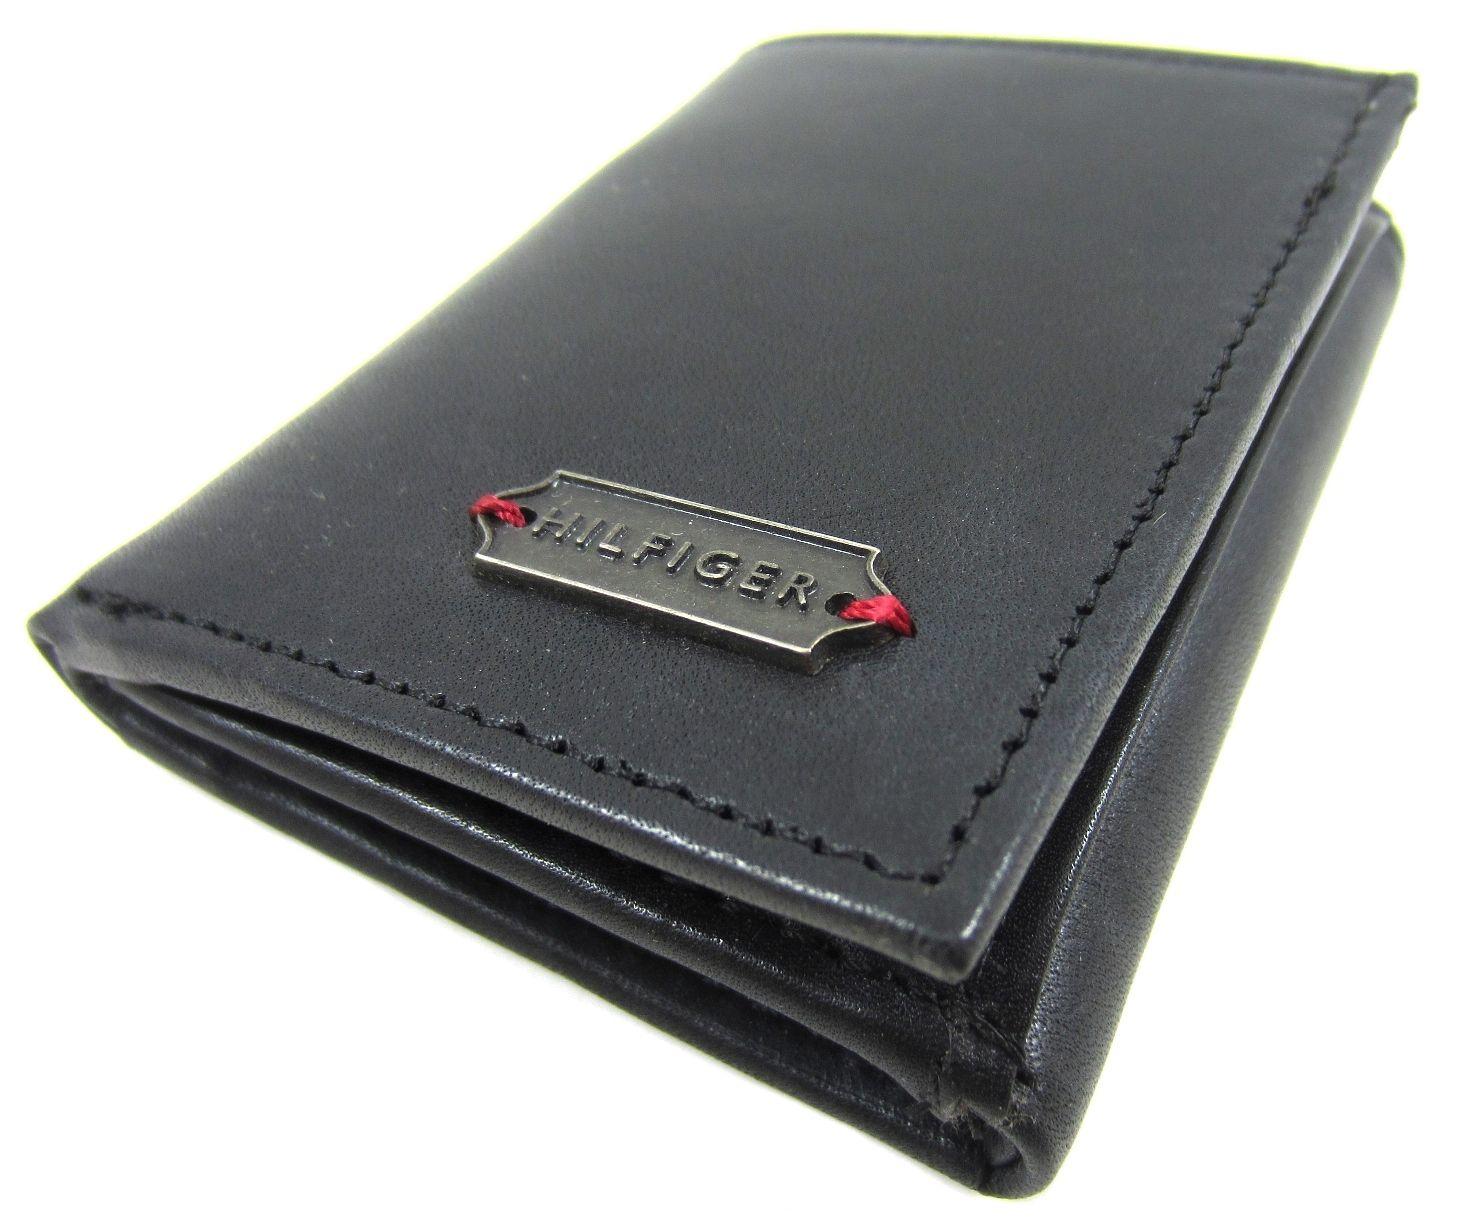 501b6551d98 Tommy Hilfiger Elgin Black Slim Trifold Wallet - Tommy Hilfiger Wallets - Designer  Wallets